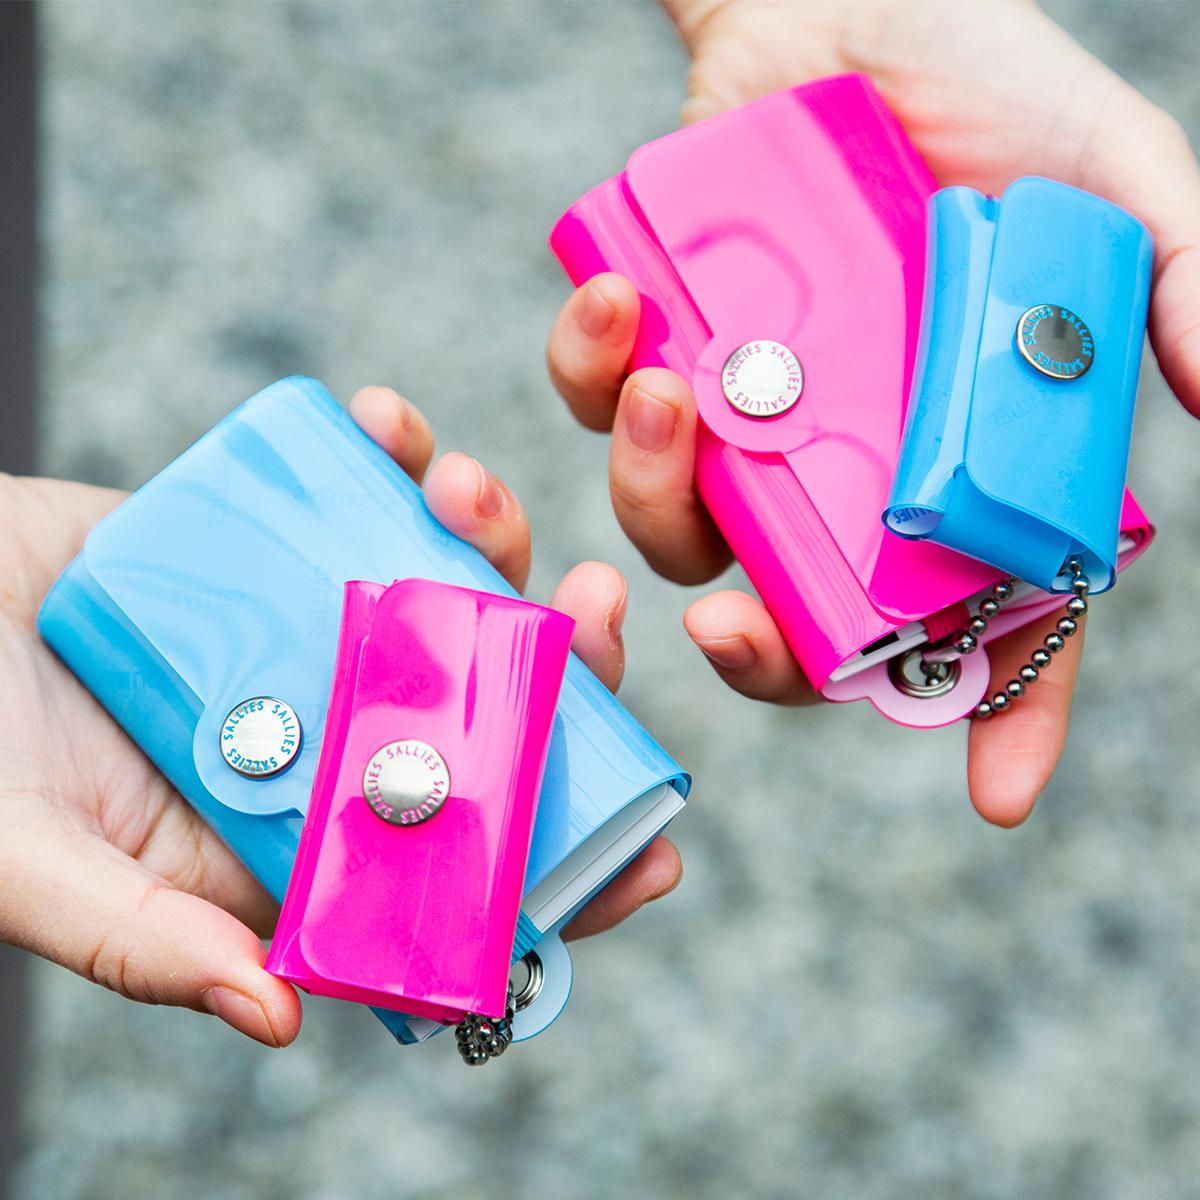 ボールチェーンによって連結された「親子設計」。セパレートして、単体でも使える「ミニ財布」|SALLIES